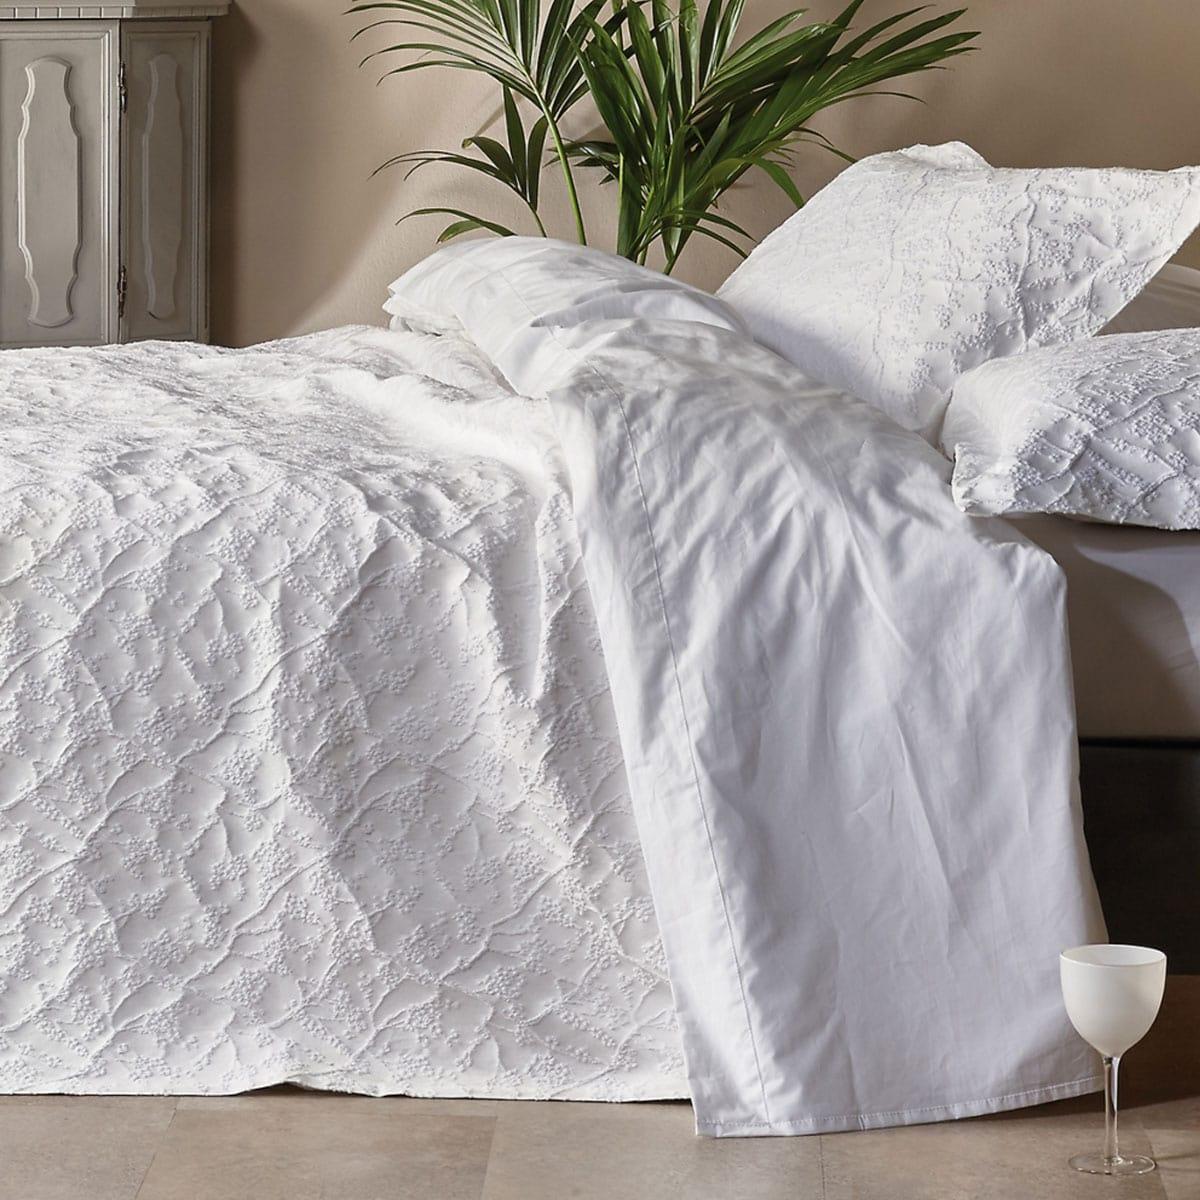 Μαξιλαροθήκη Διακοσμητική Cybele 00 White Kentia 40Χ60 Βαμβάκι-Polyester